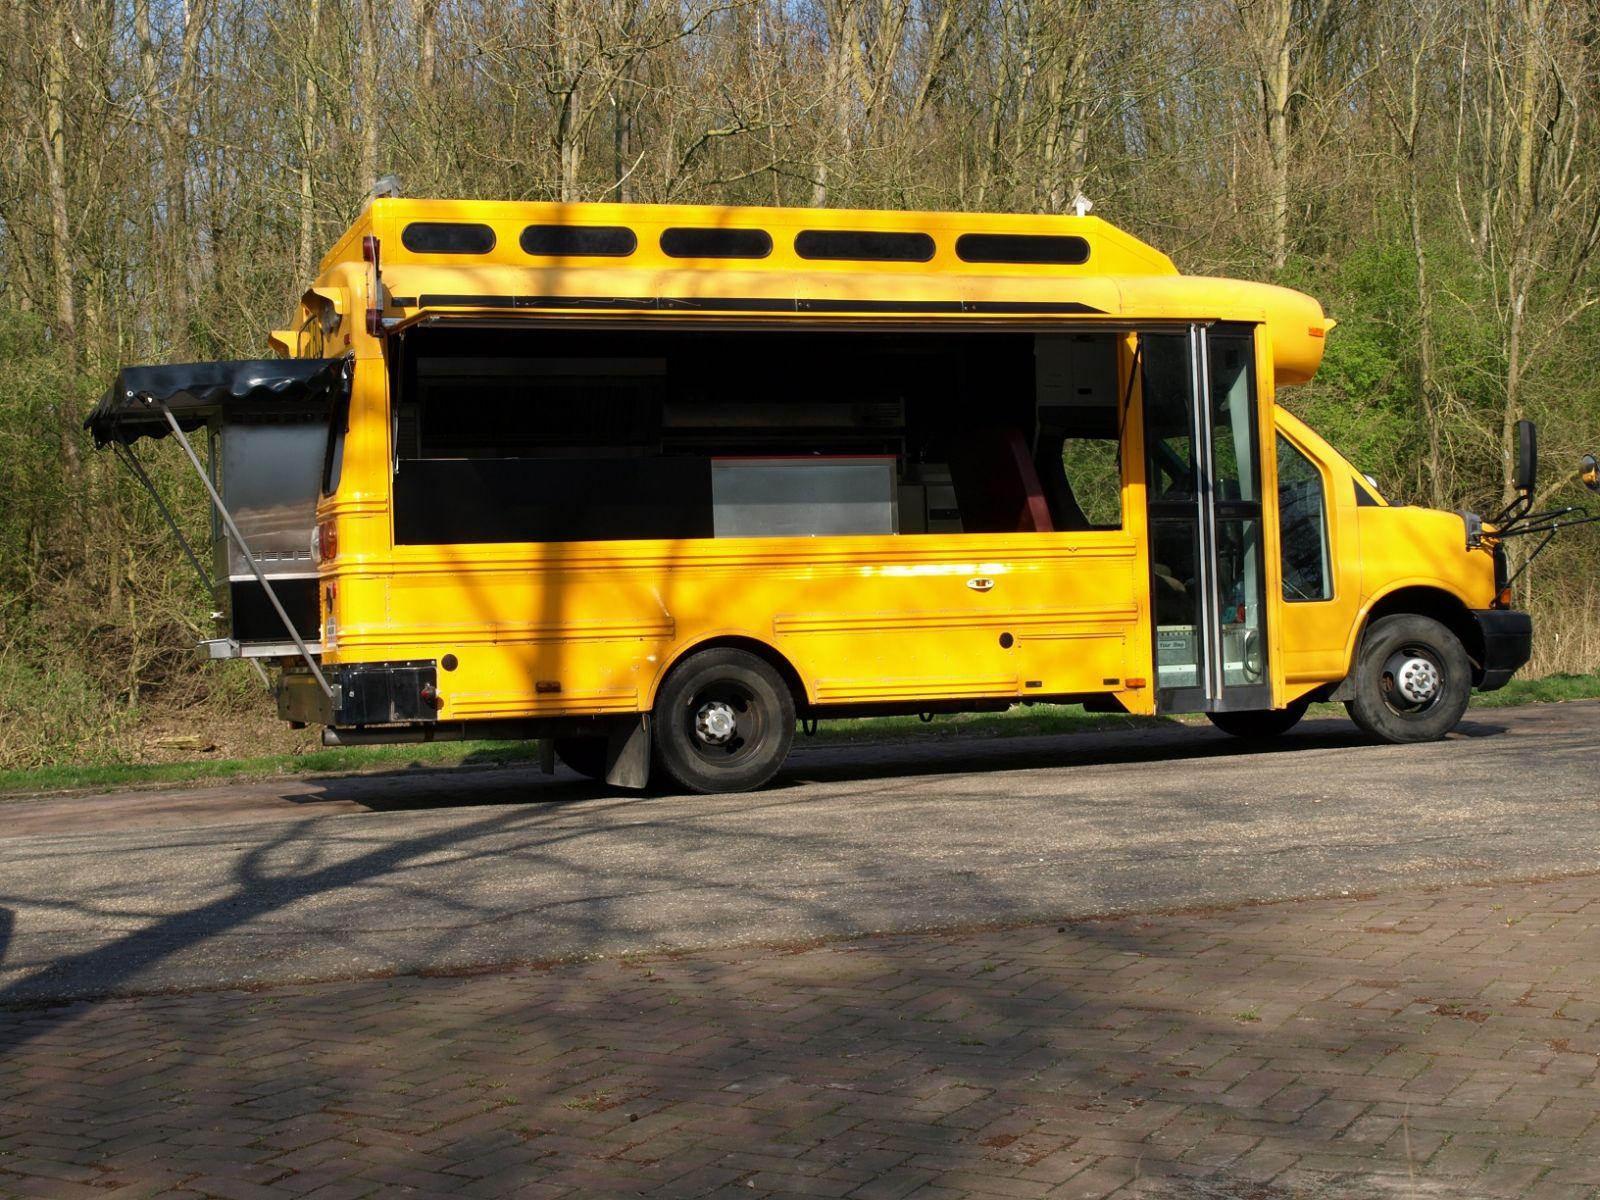 Fonkelnieuw Foodtruck kopen - Griffioen carrosserie- en speciaalbouw AG-85